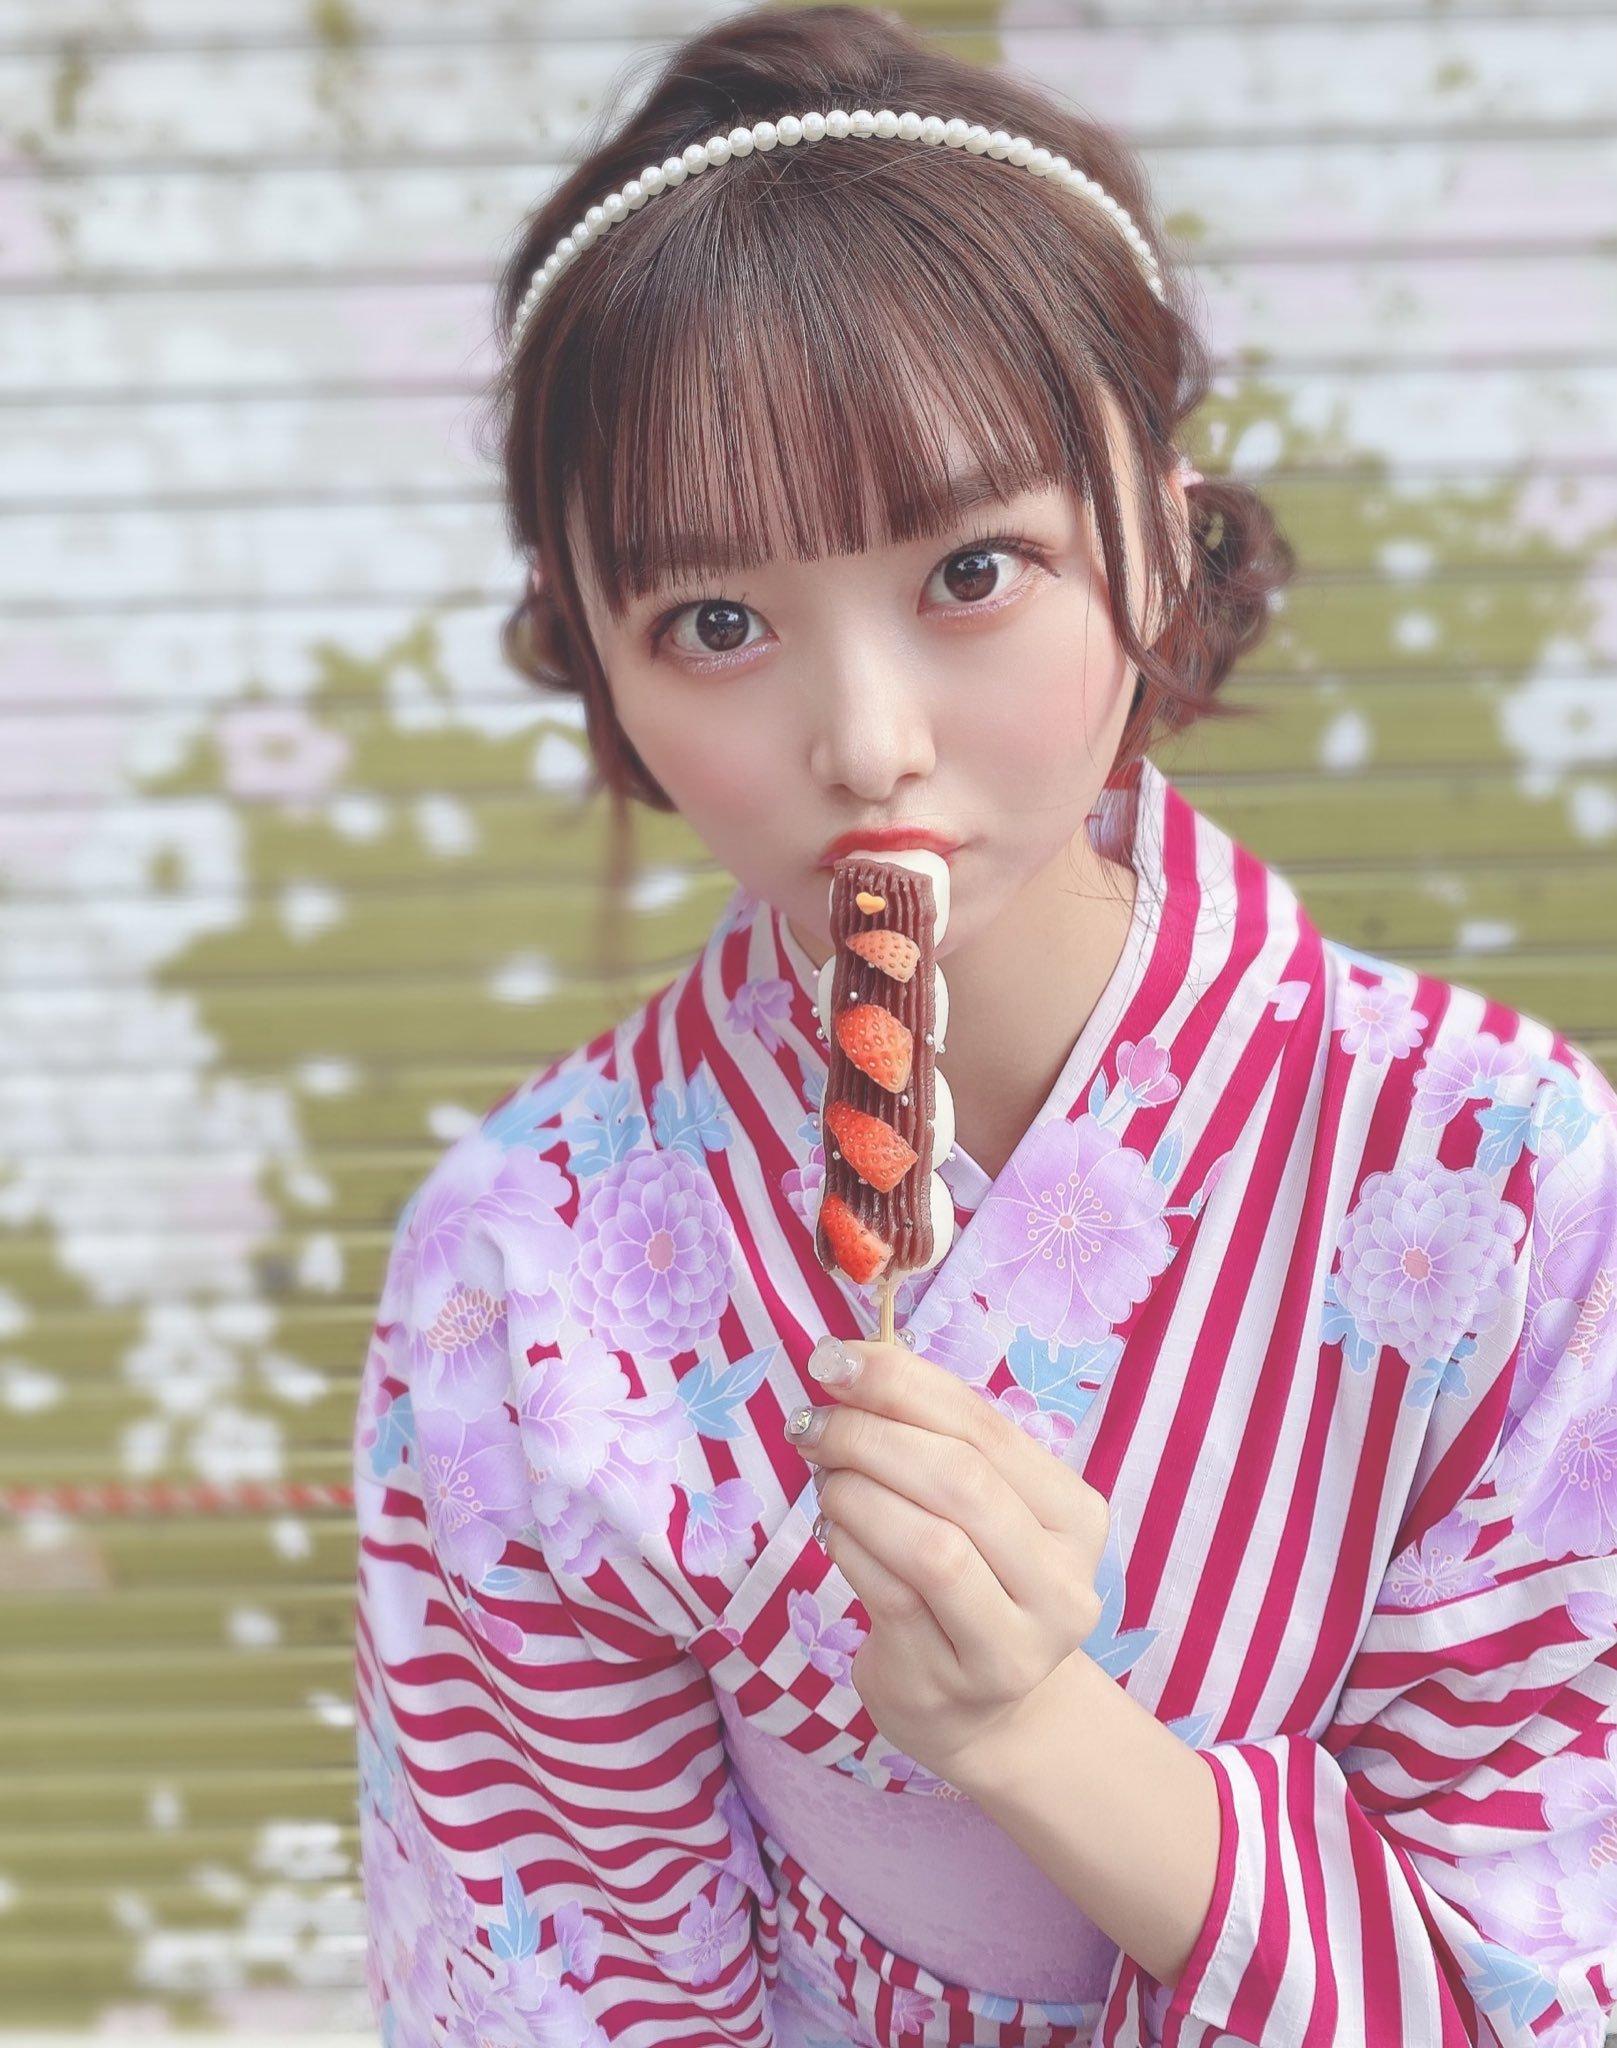 【深夜】前AKB48成员「达家真姫宝」-itotii